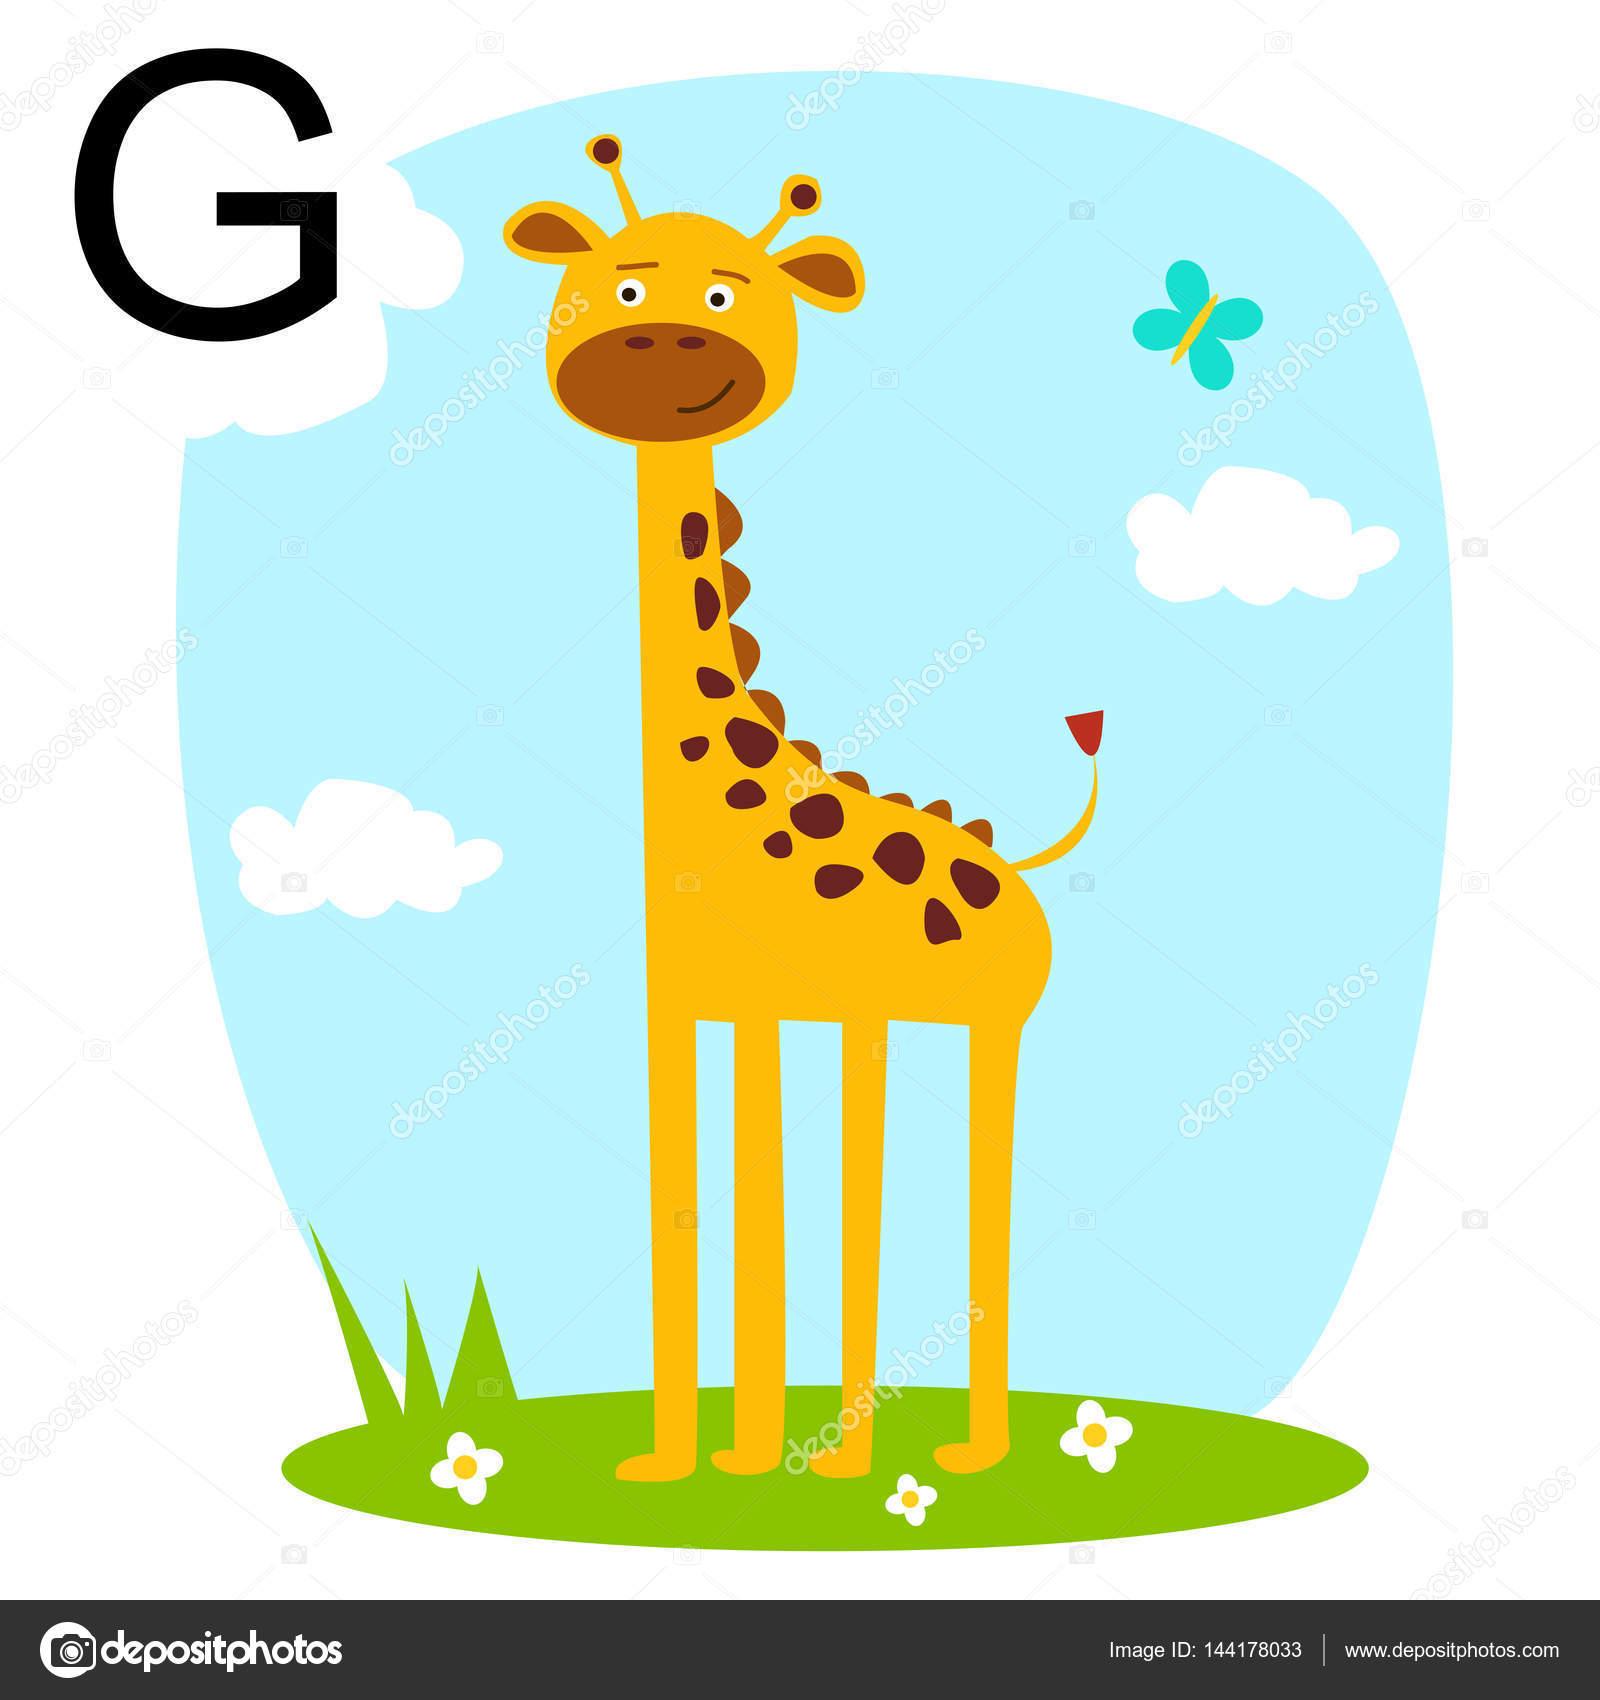 かわいい動物アルファベット abc 本。漫画の動物のベクトル イラスト